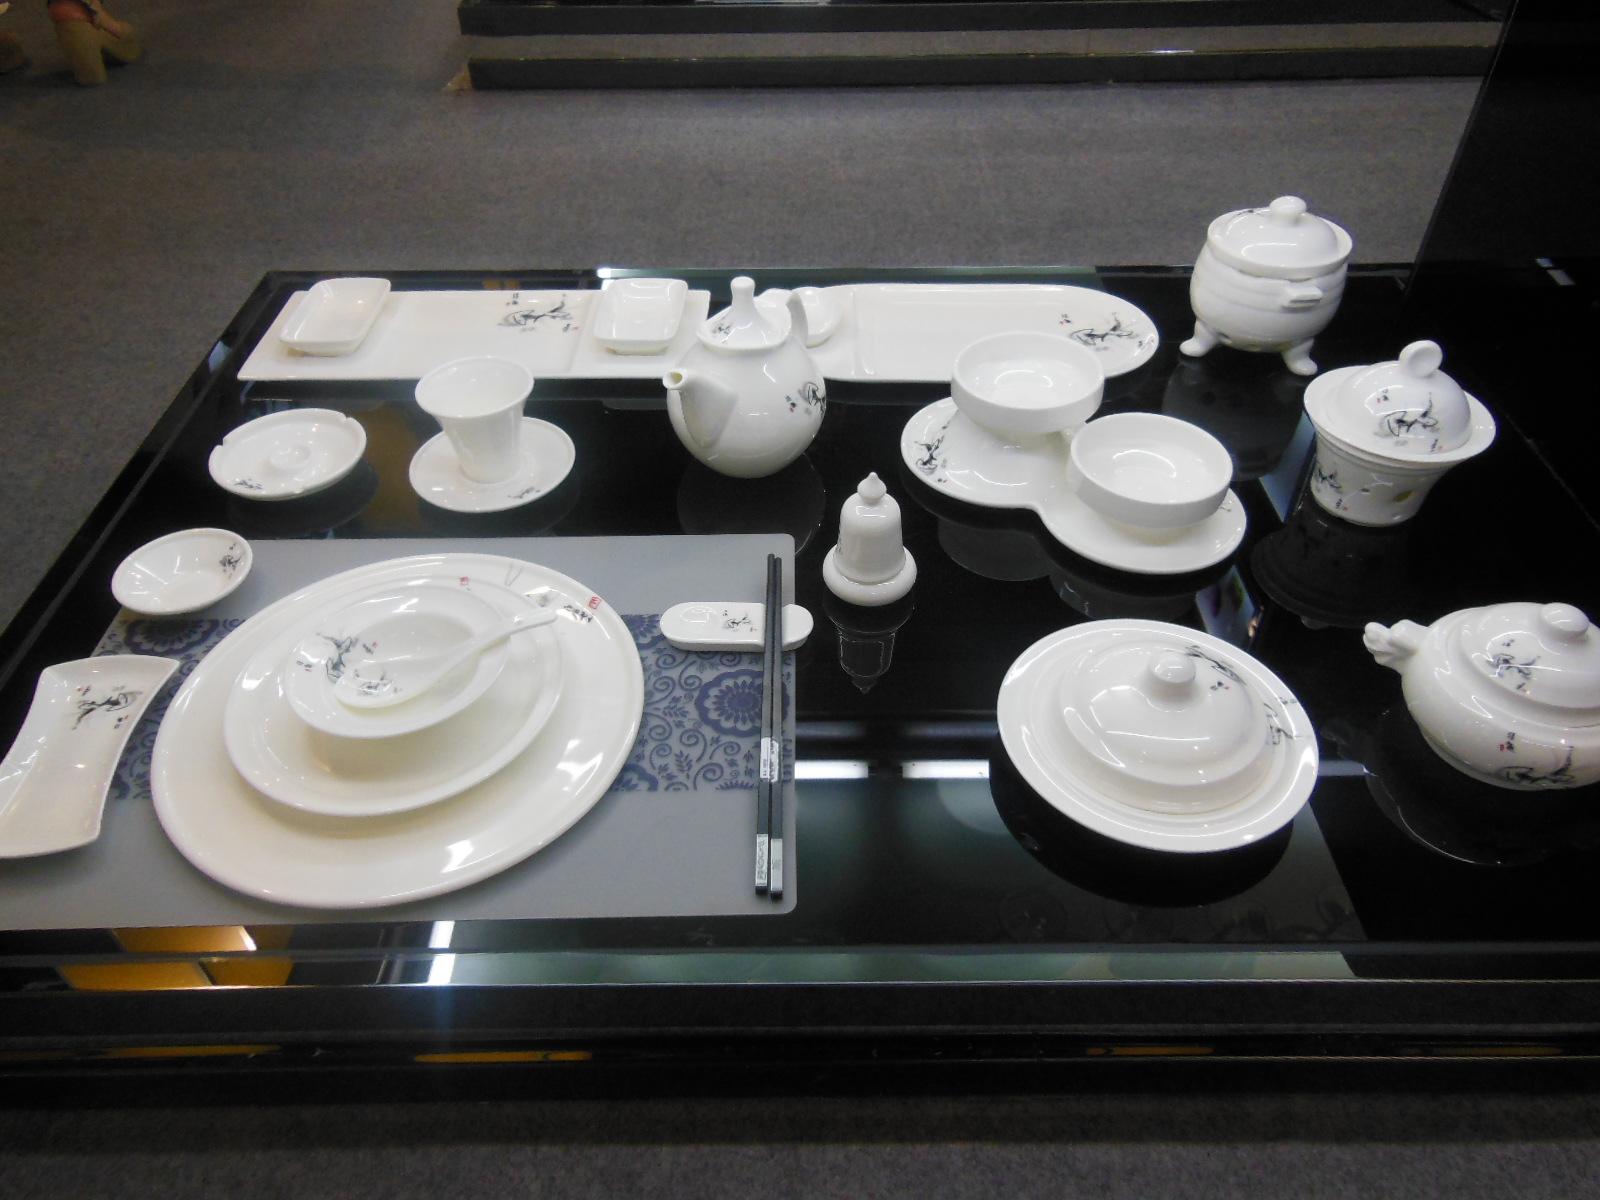 Guangzhou pazhou exhibition-Tontile Ceramic plate 1